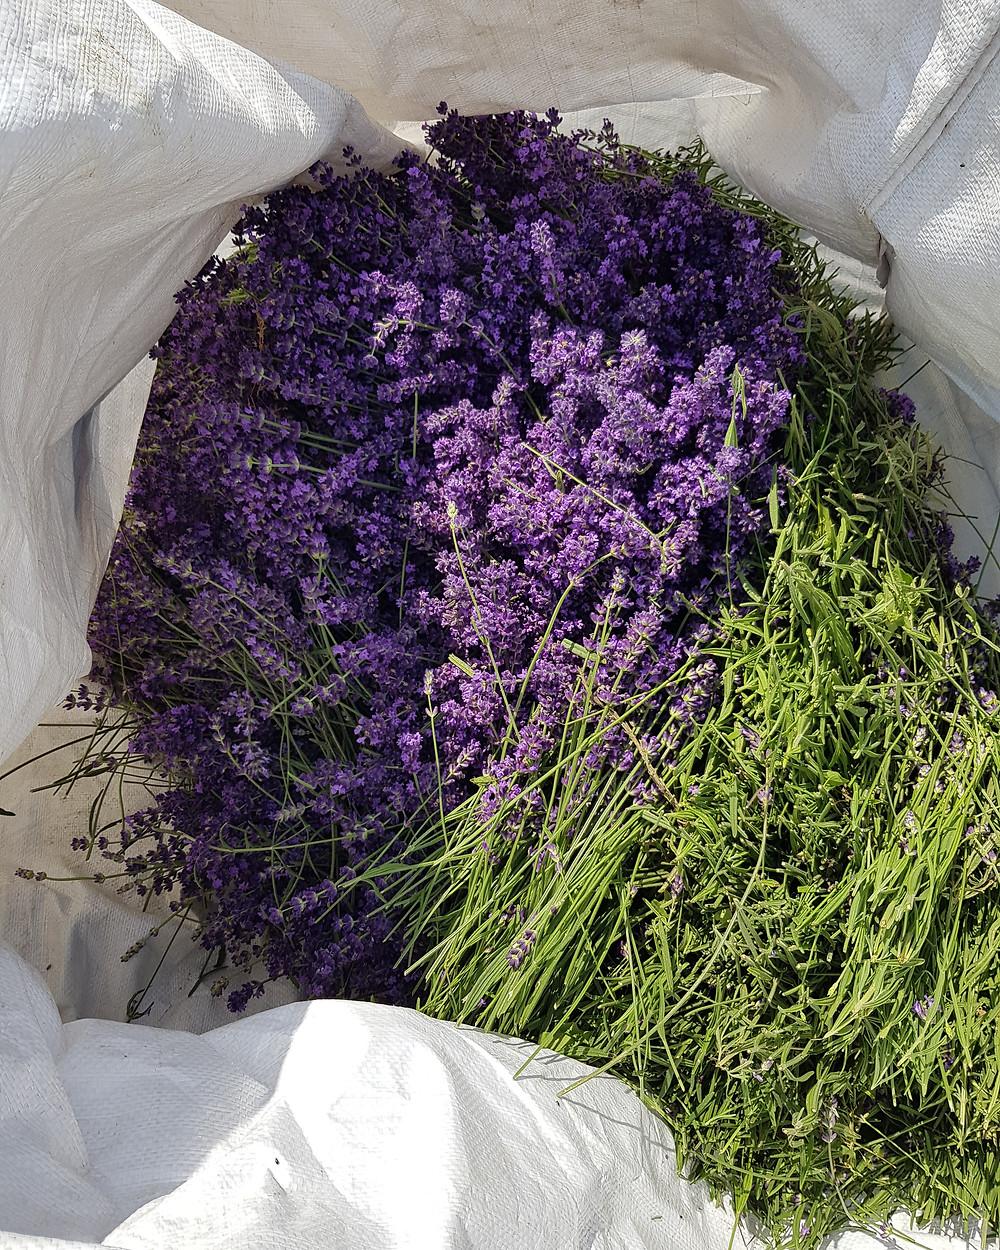 Frissen szedett virágok a bigbag zsákban